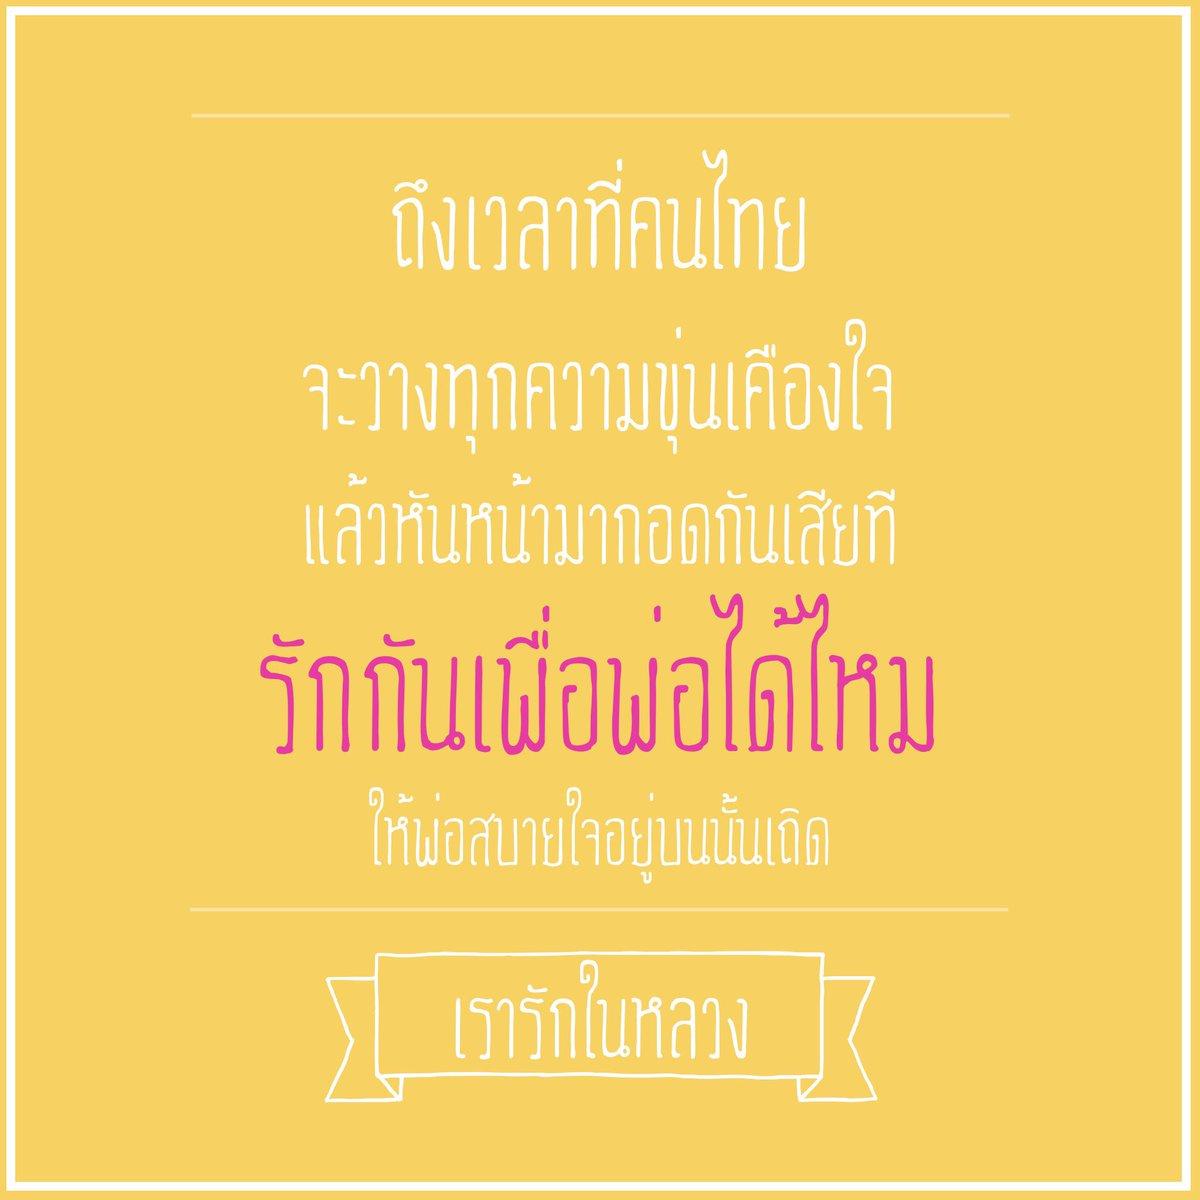 ชาวไทยรักกันเพื่อพ่อได้ไหม?  ให้ท่านวางใจและหมดห่วงเสียที  #เรารักในหลวง  #ขอเป็นข้ารองพระบาททุกชาติไป https://t.co/0t8Xm7FhHa